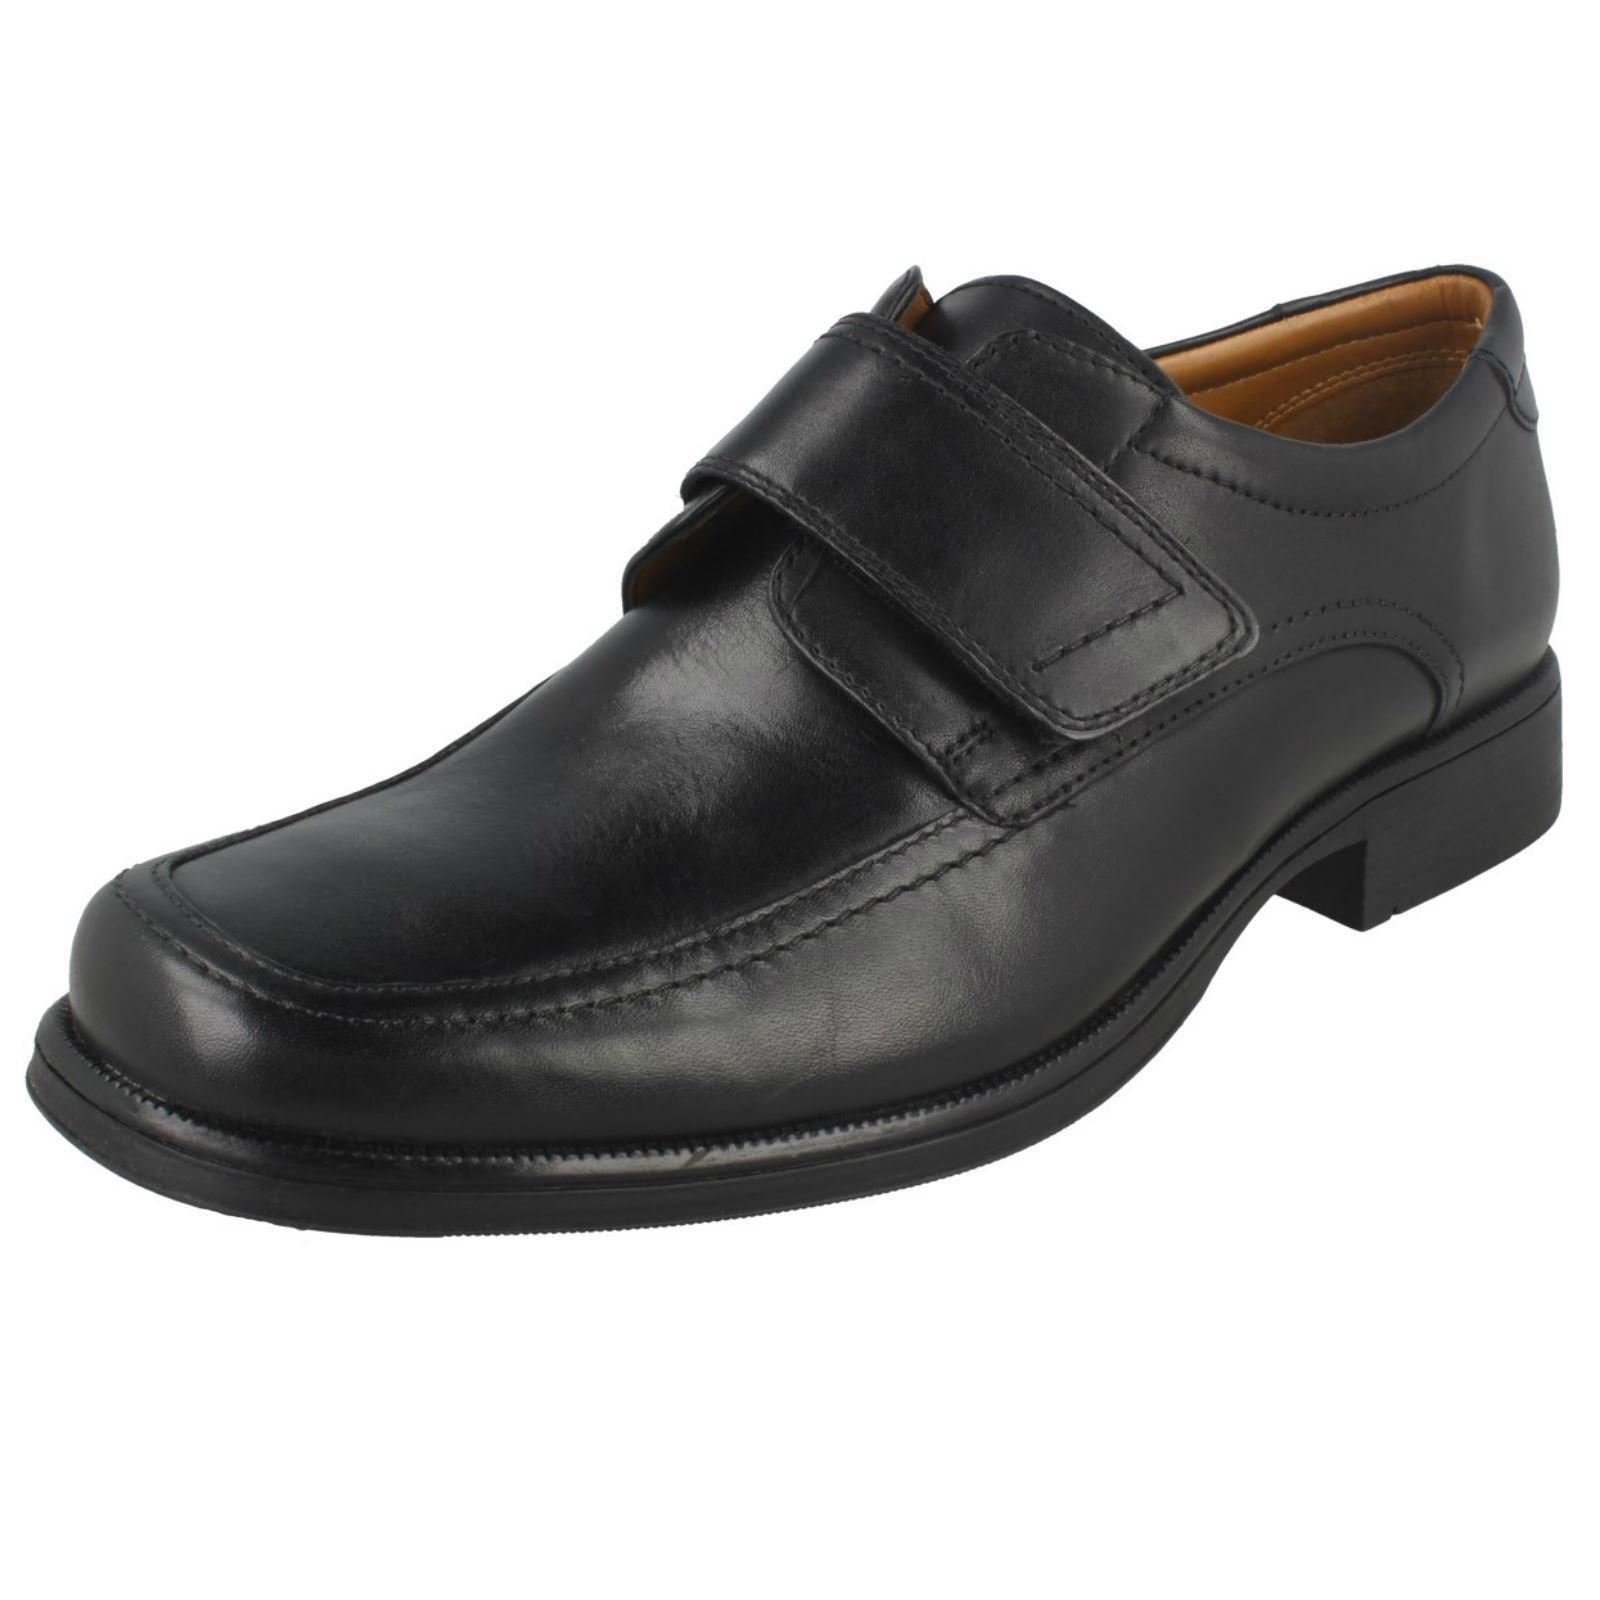 con il 100% di qualità e il 100% di servizio Scarpe da Uomo Clarks Formali Formali Formali  ARPA Roll'  molto popolare